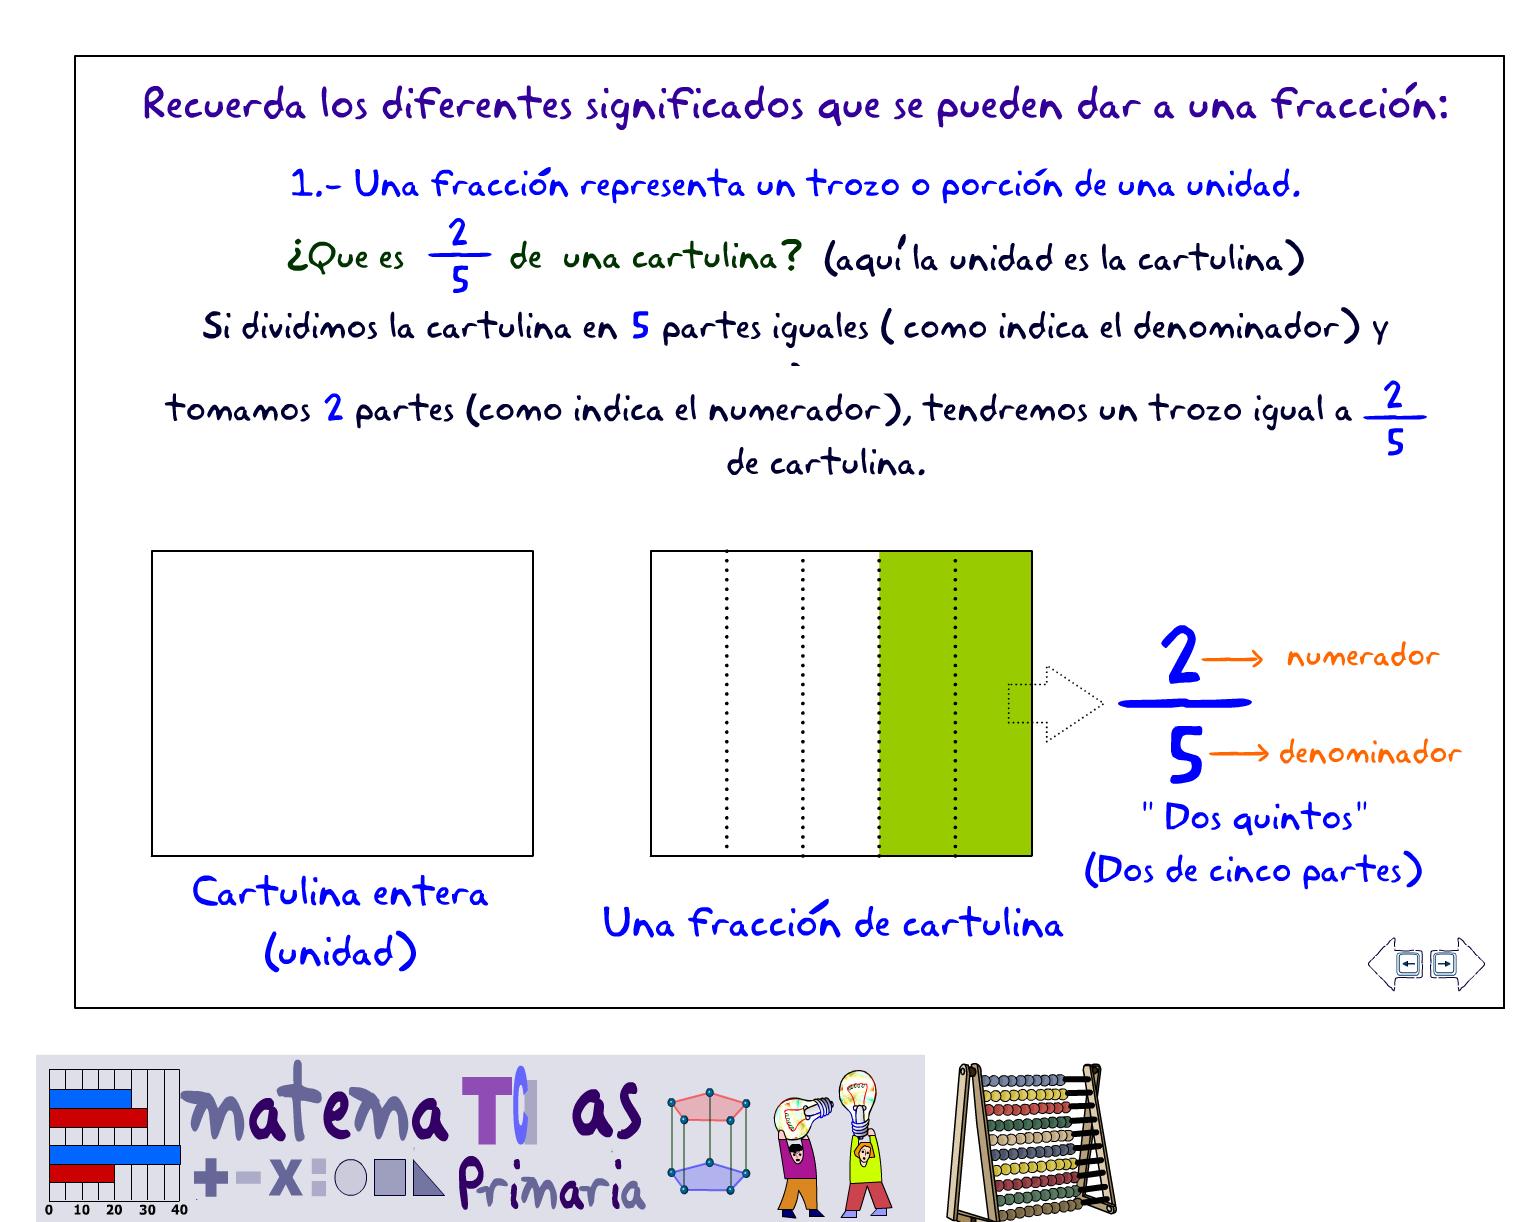 http://ntic.educacion.es/w3/eos/MaterialesEducativos/mem2008/matematicas_primaria/numeracion/operaciones/fracciones.swf